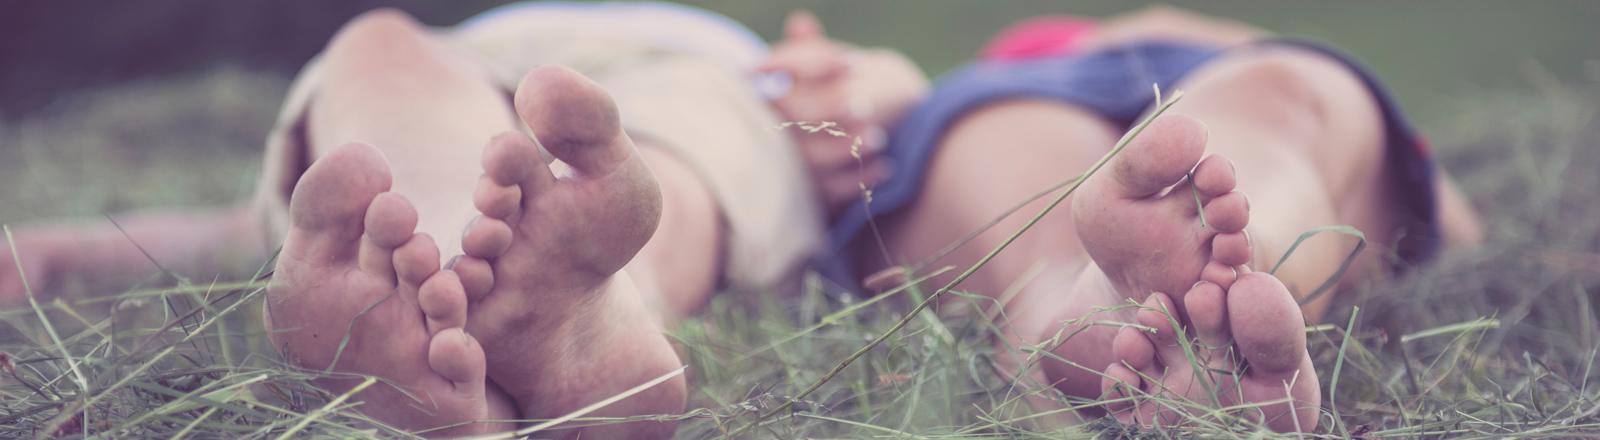 Ein Paar liegt barfuß im Gras und hält sich an den Händen.